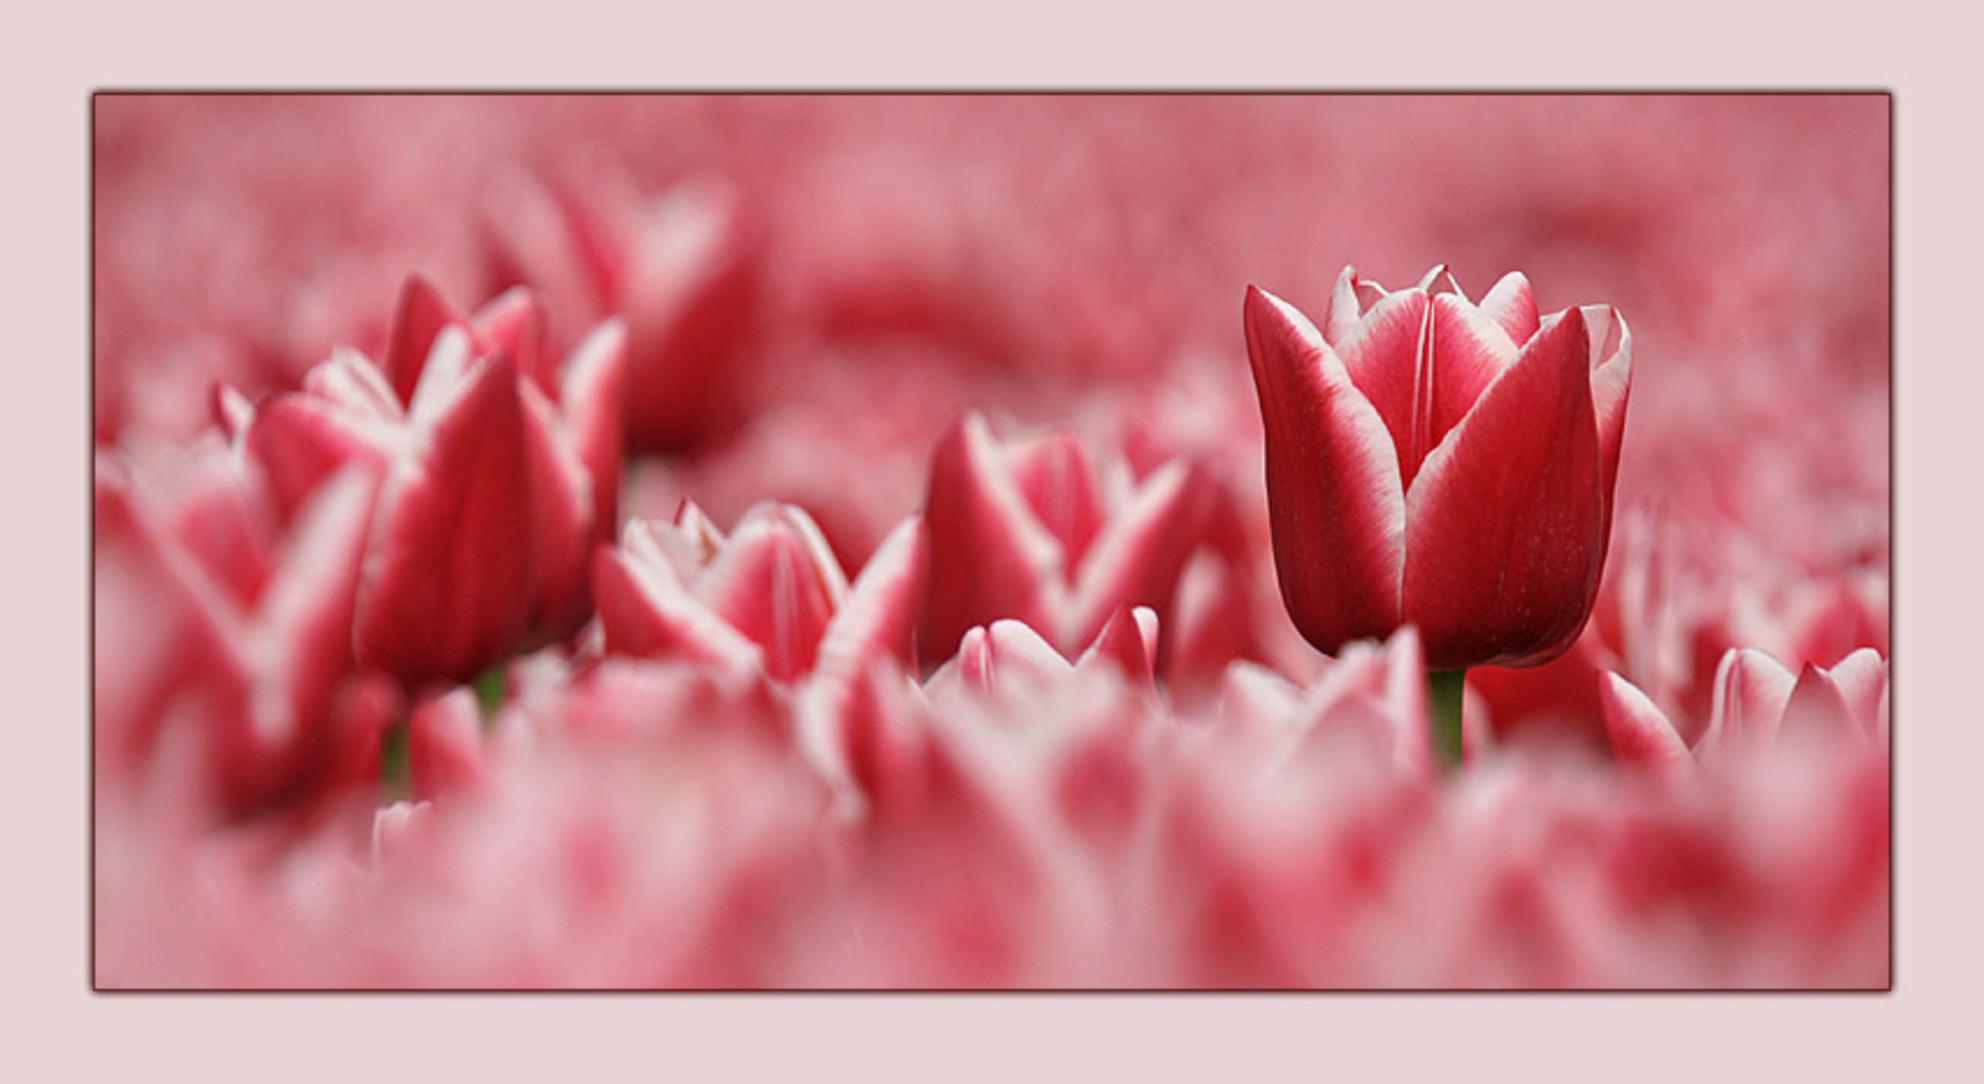 """Voorjaar 5 - Deze tulp stak boven de rest uit. Ik heb geprobeerd om deze eruit te laten """"springen"""";-) - foto door klara op 21-03-2009 - deze foto bevat: tulpen, lente, tulp, bloemen, voorjaar - Deze foto mag gebruikt worden in een Zoom.nl publicatie"""